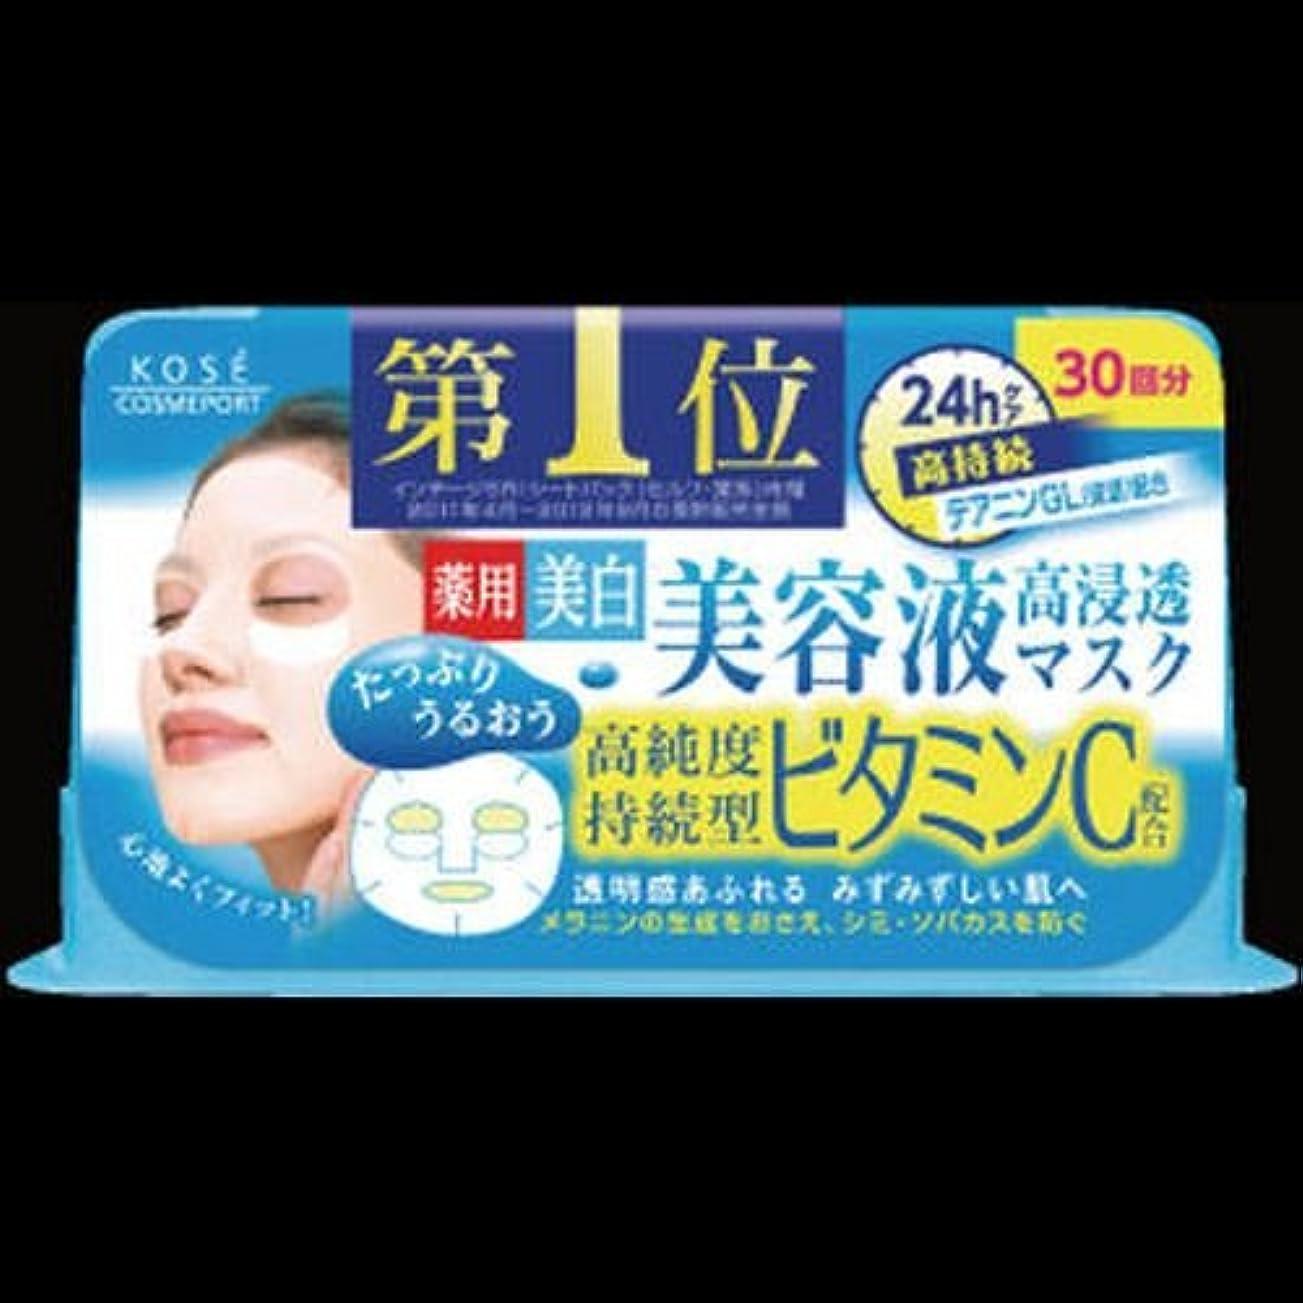 マトン期待対象クリアターン VC エッセンスマスク (ビタミンC) ×2セット